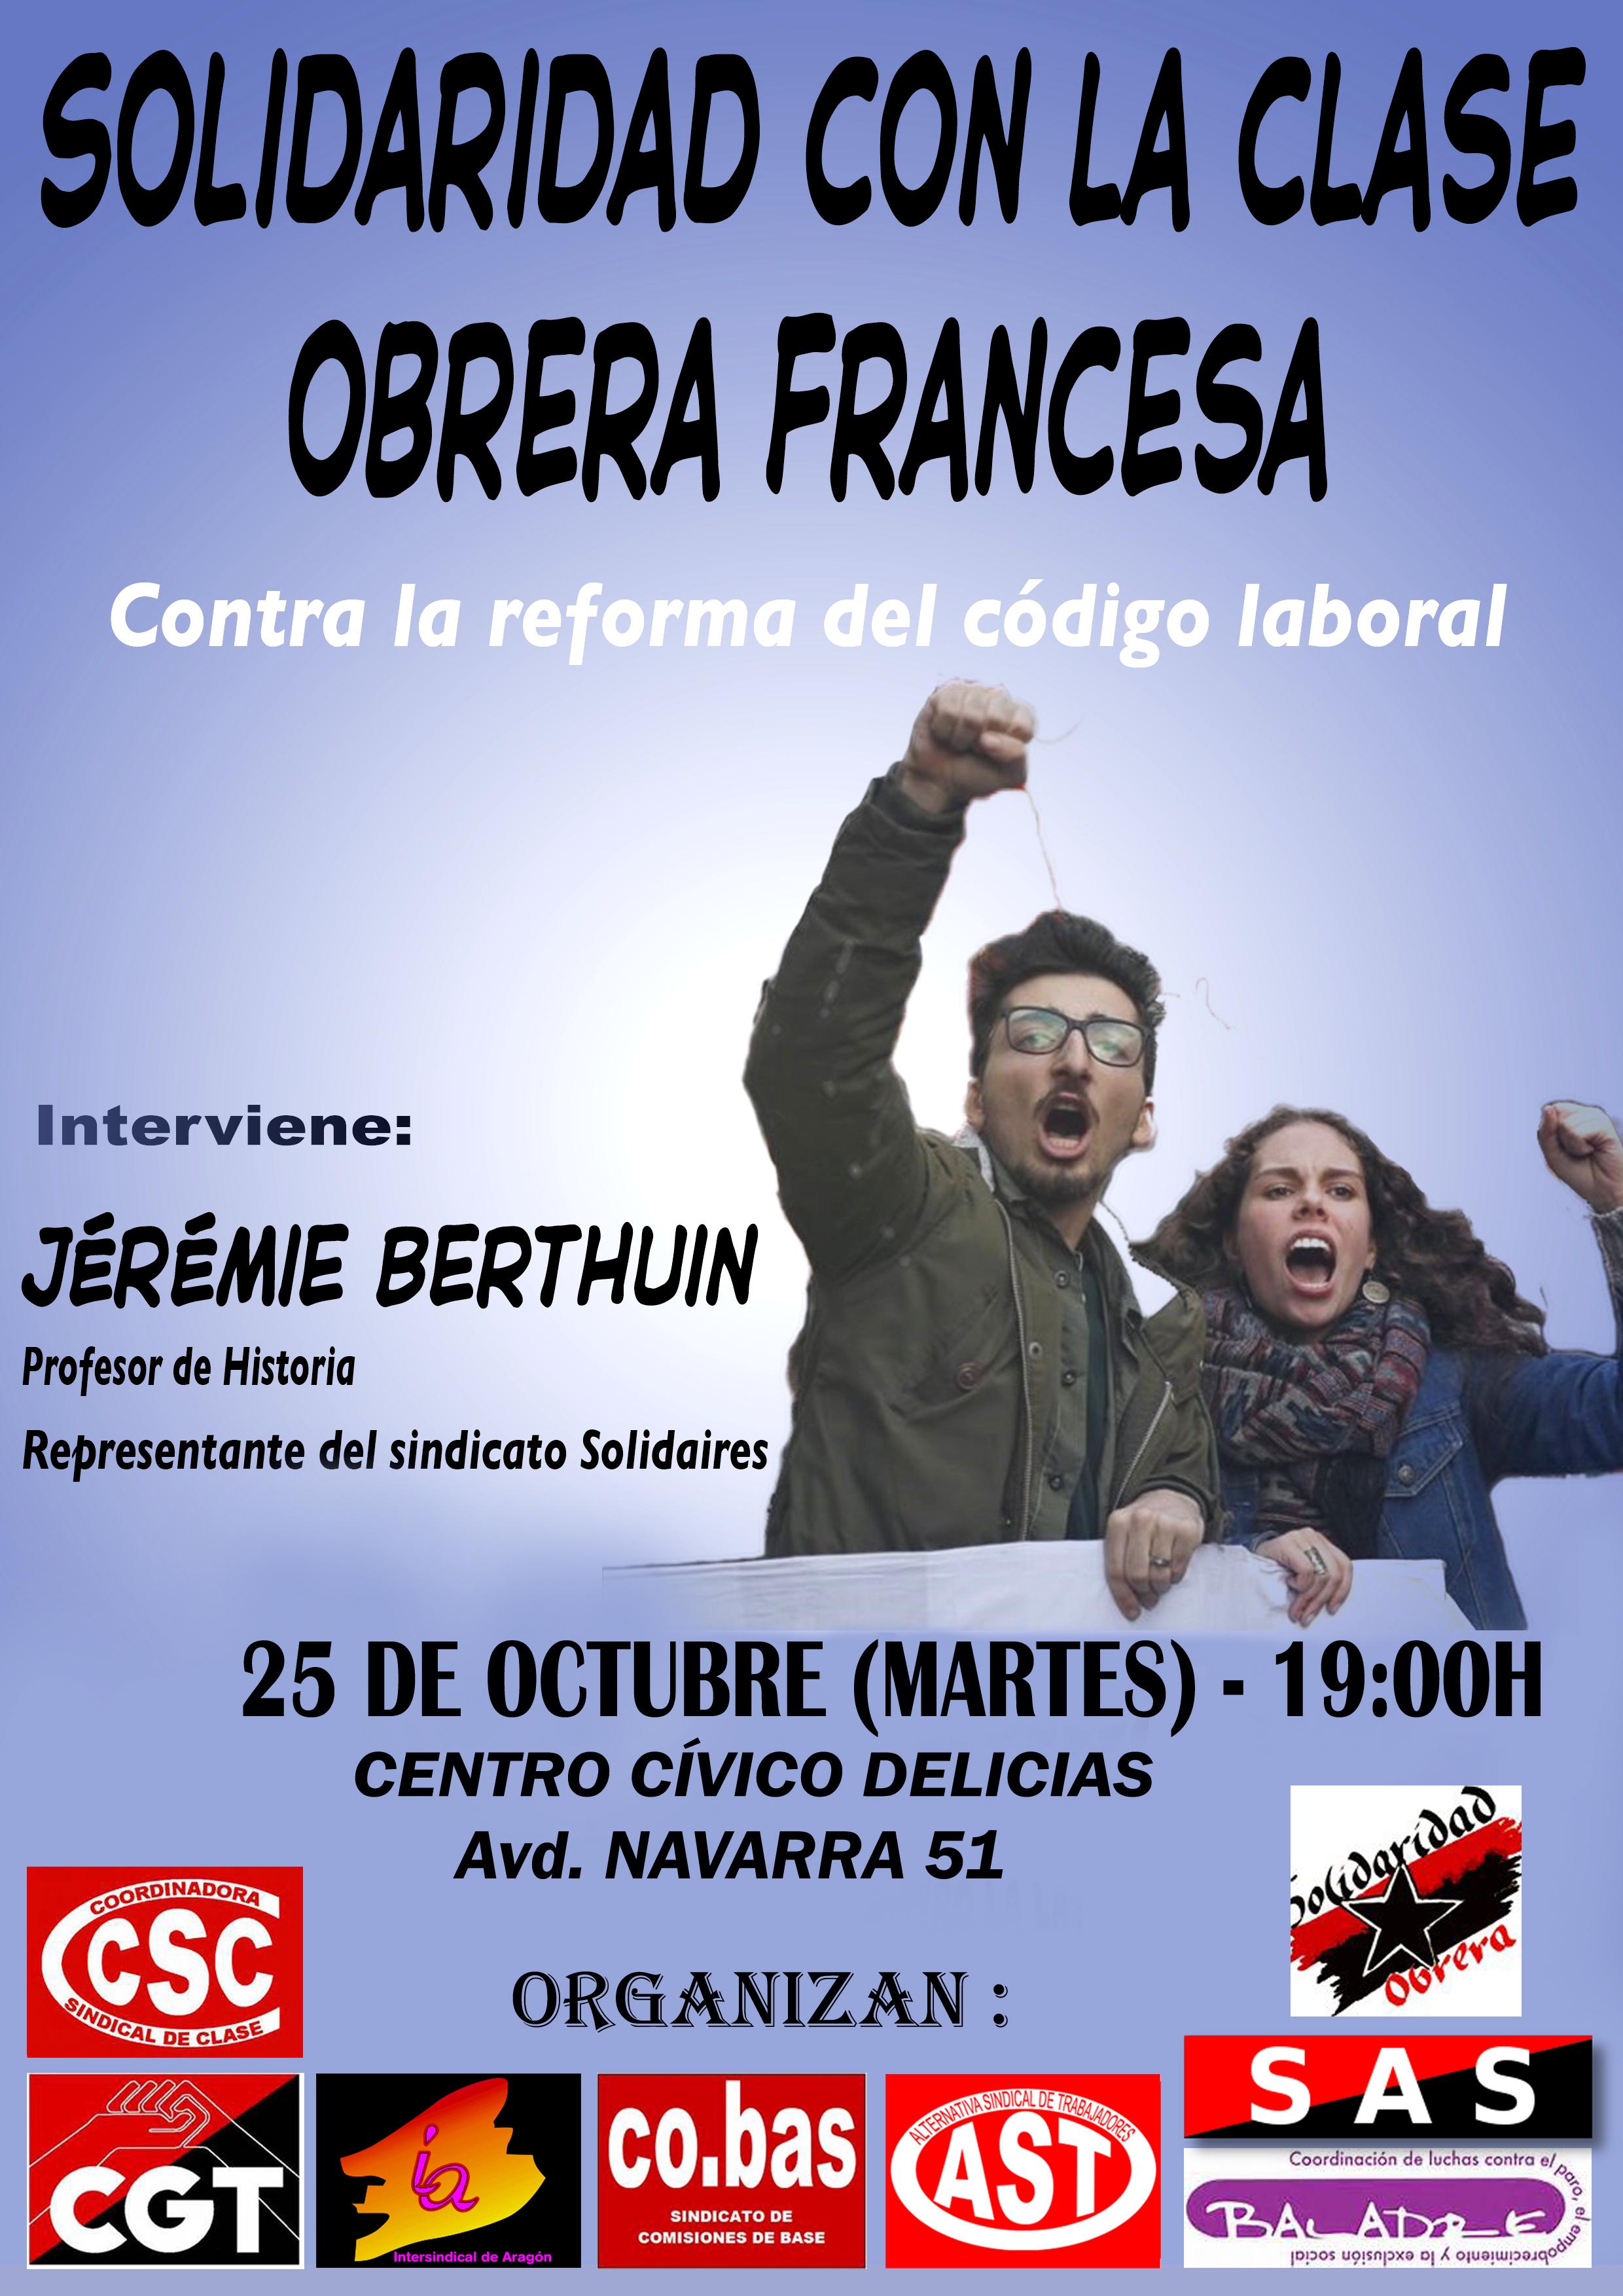 Charla en Zaragoza, en solidaridad con la clase Obrera Francesa, martes 25 de Octubre.